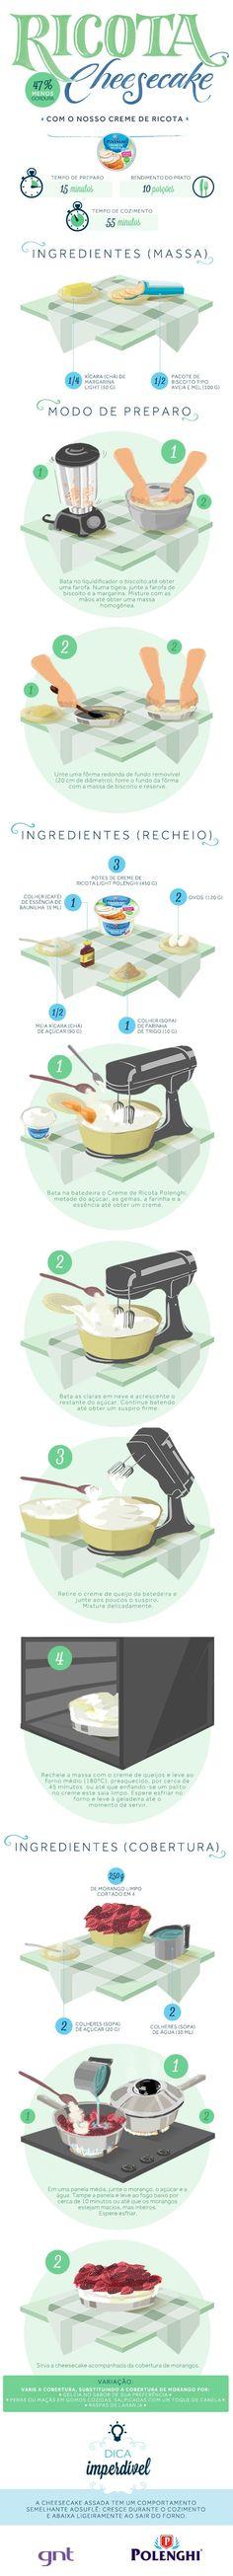 Ricota cheesecake - Polenghi (Foto: Divulgao)